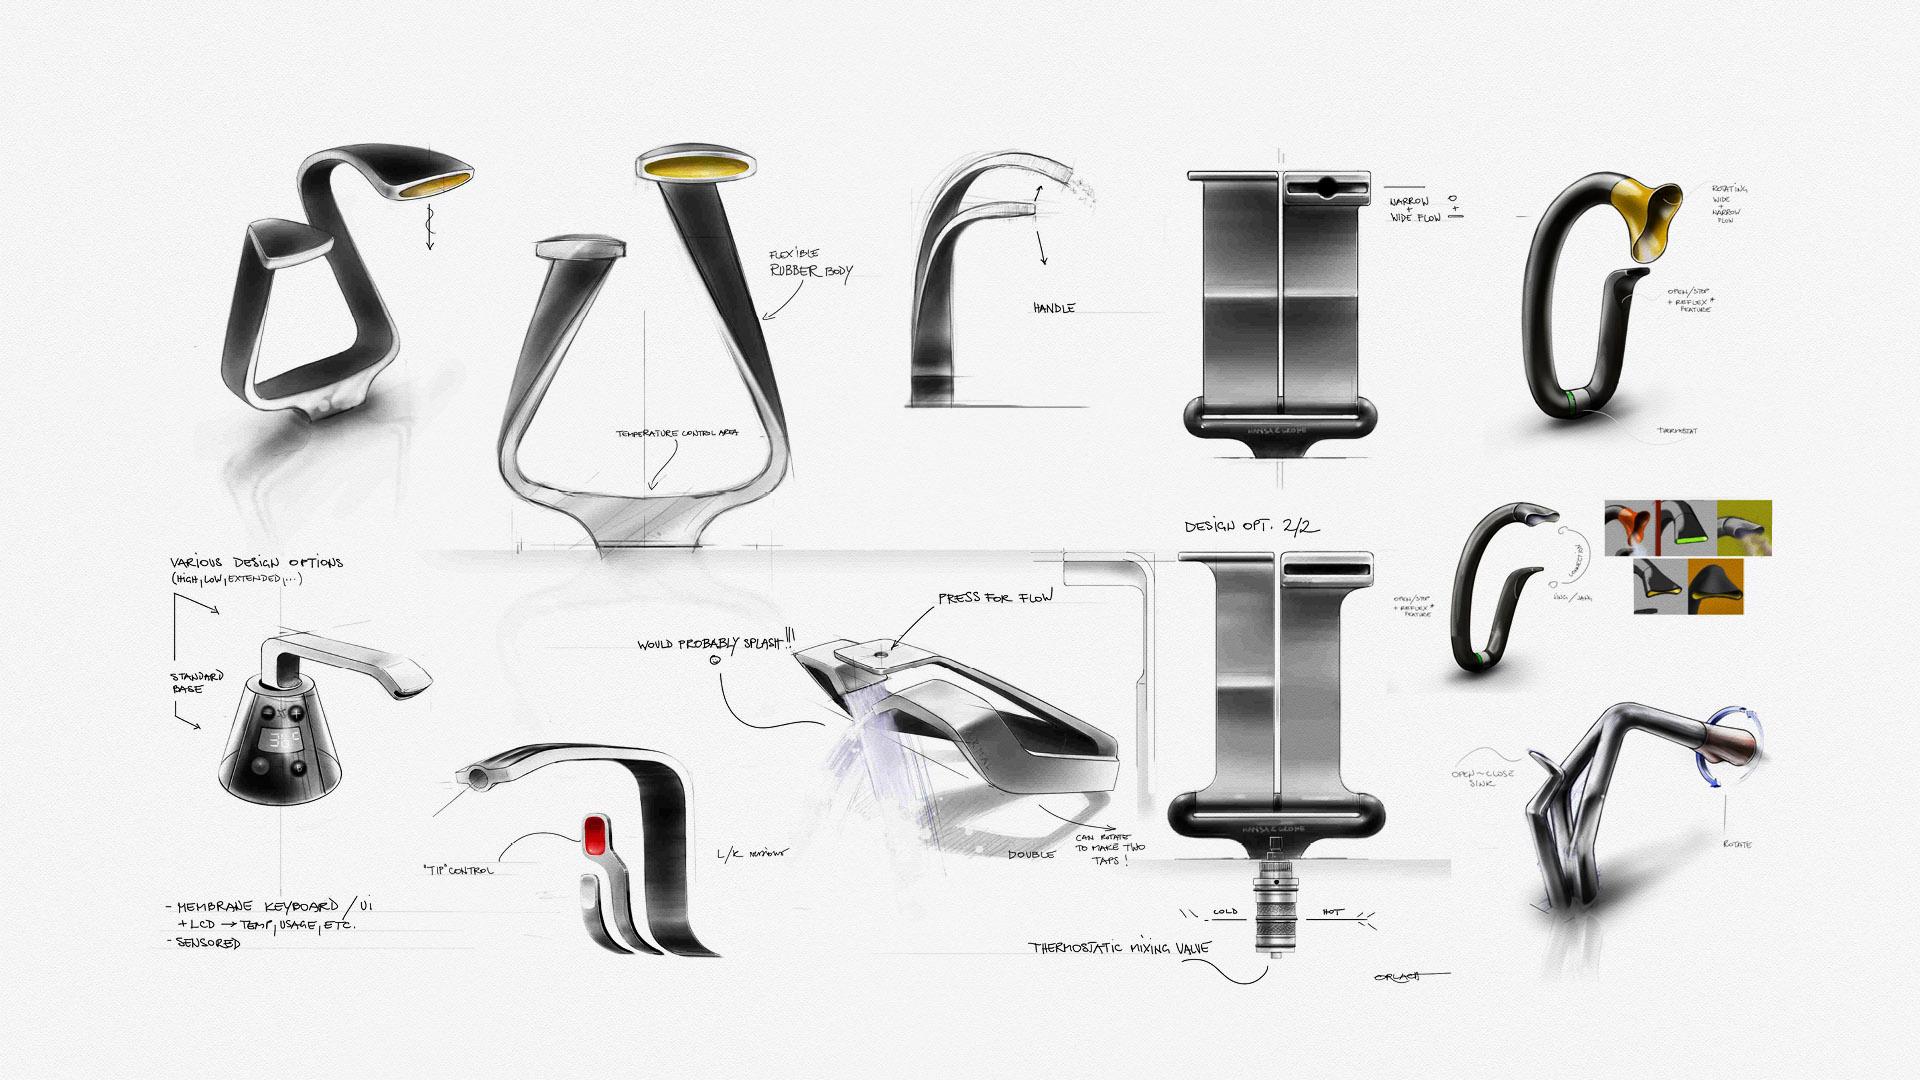 Product design sketchbook for Designed product